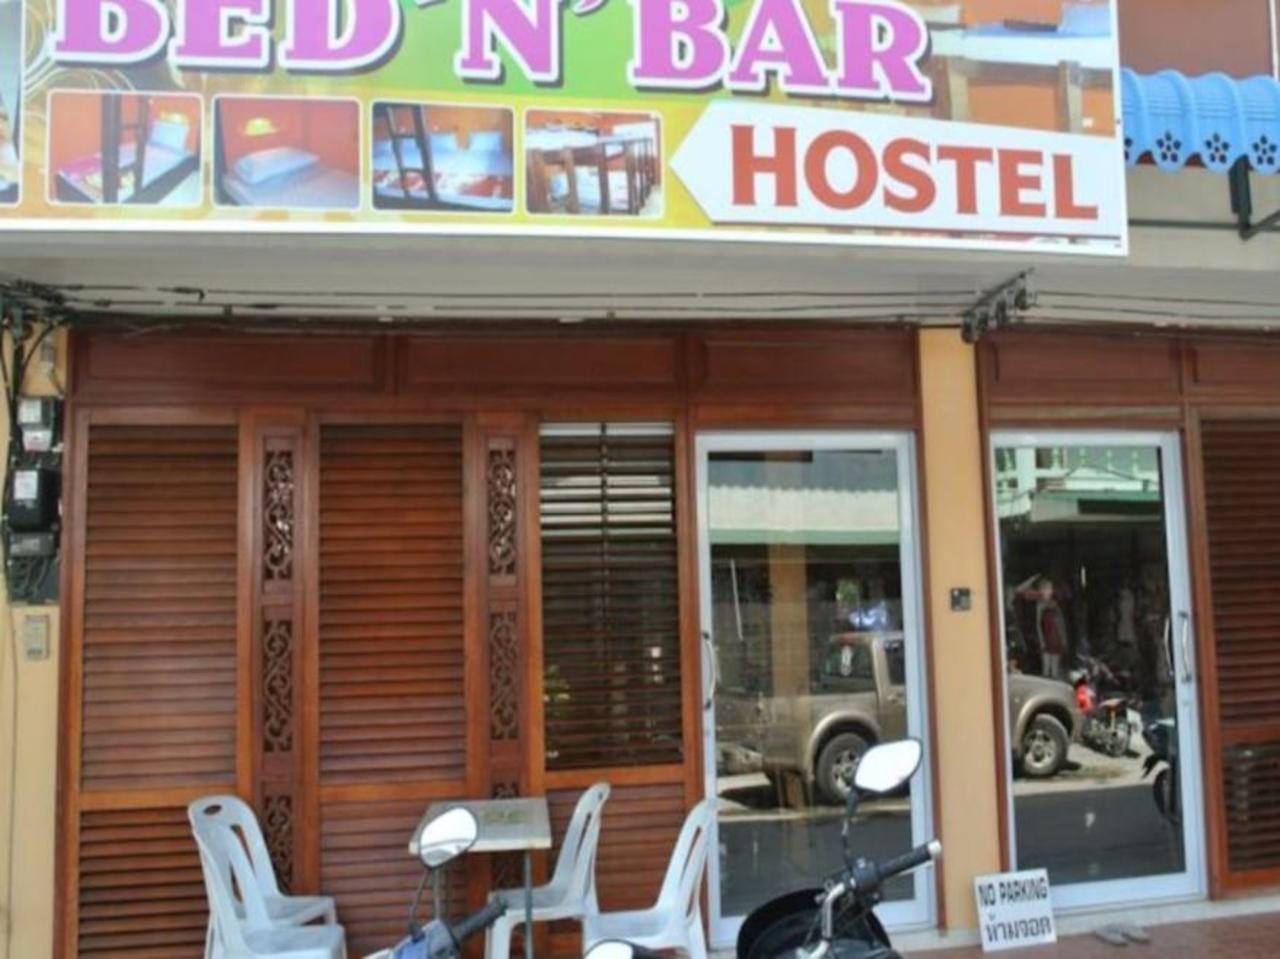 เบด แอนด์ บาร์ โฮสเทล (Bed 'n' Bar Hostel)